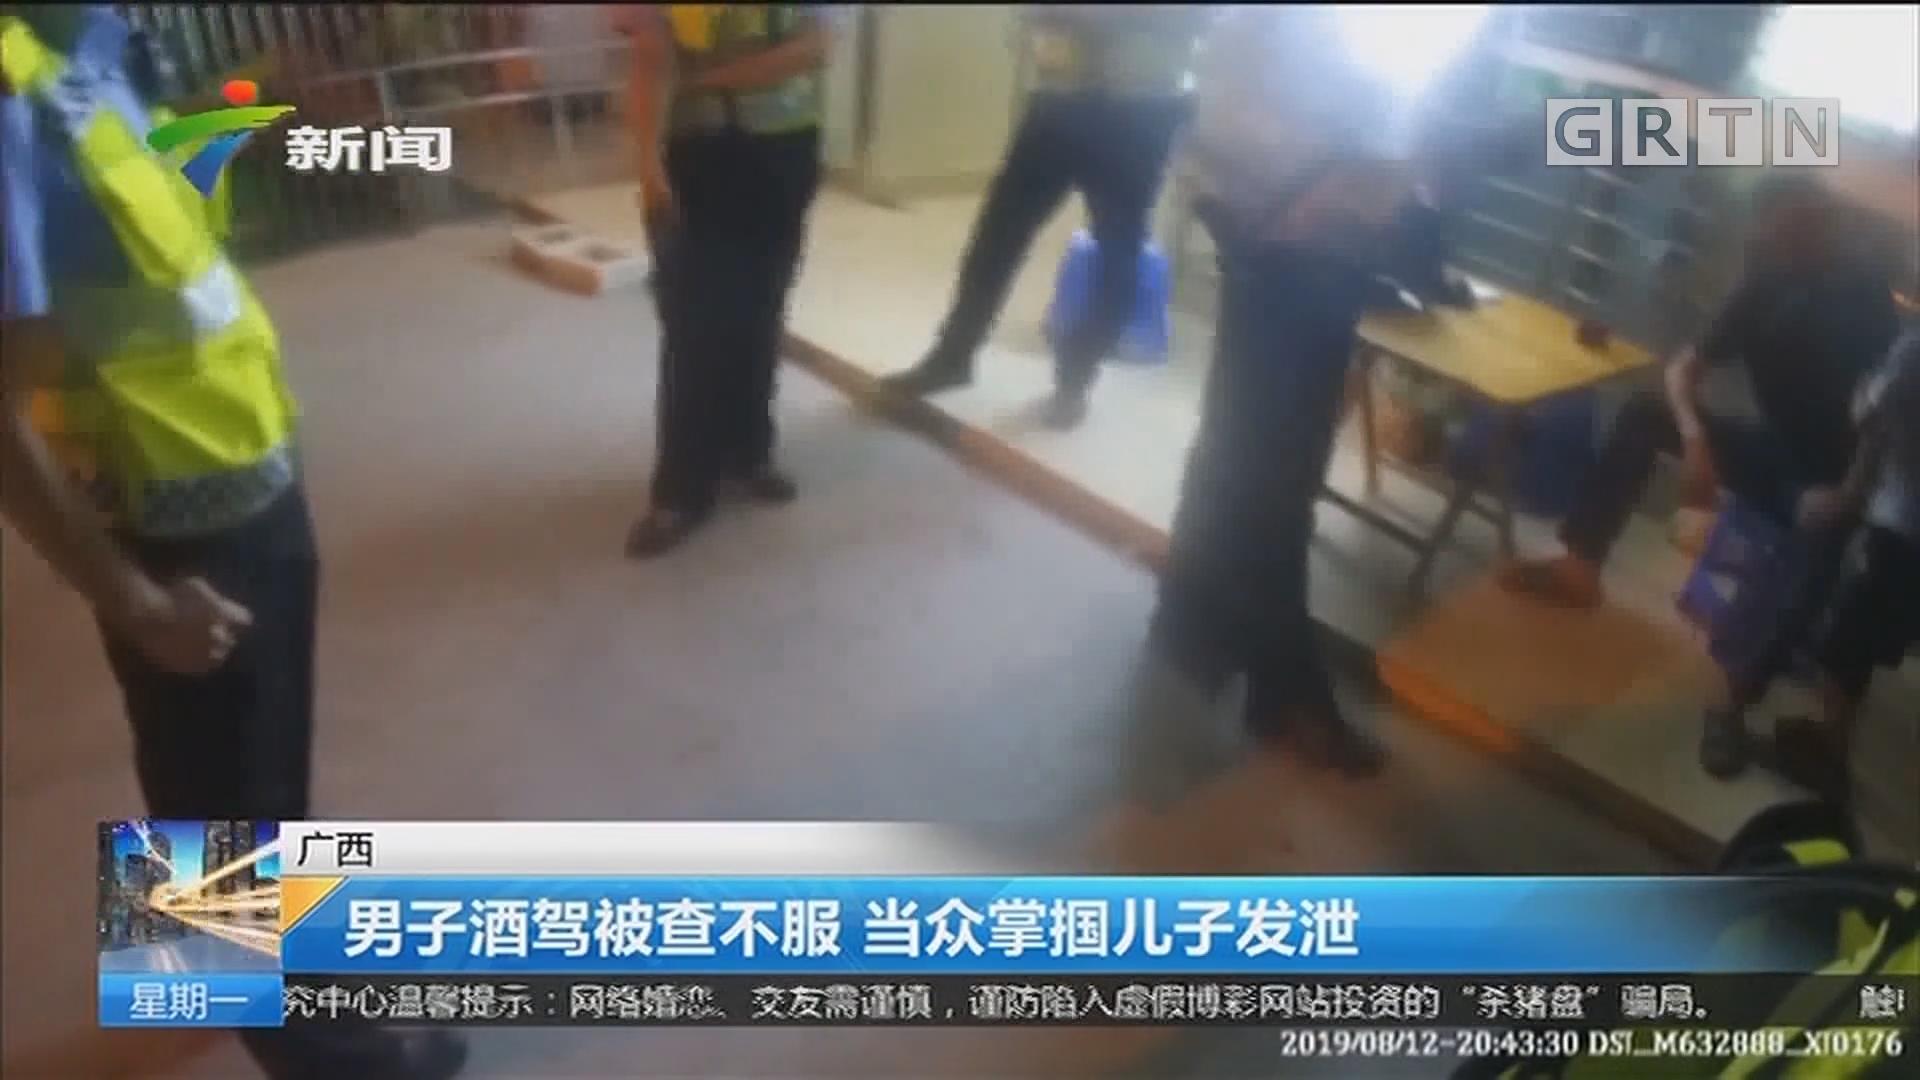 广西:男子酒驾被查不服 当众掌掴儿子发泄